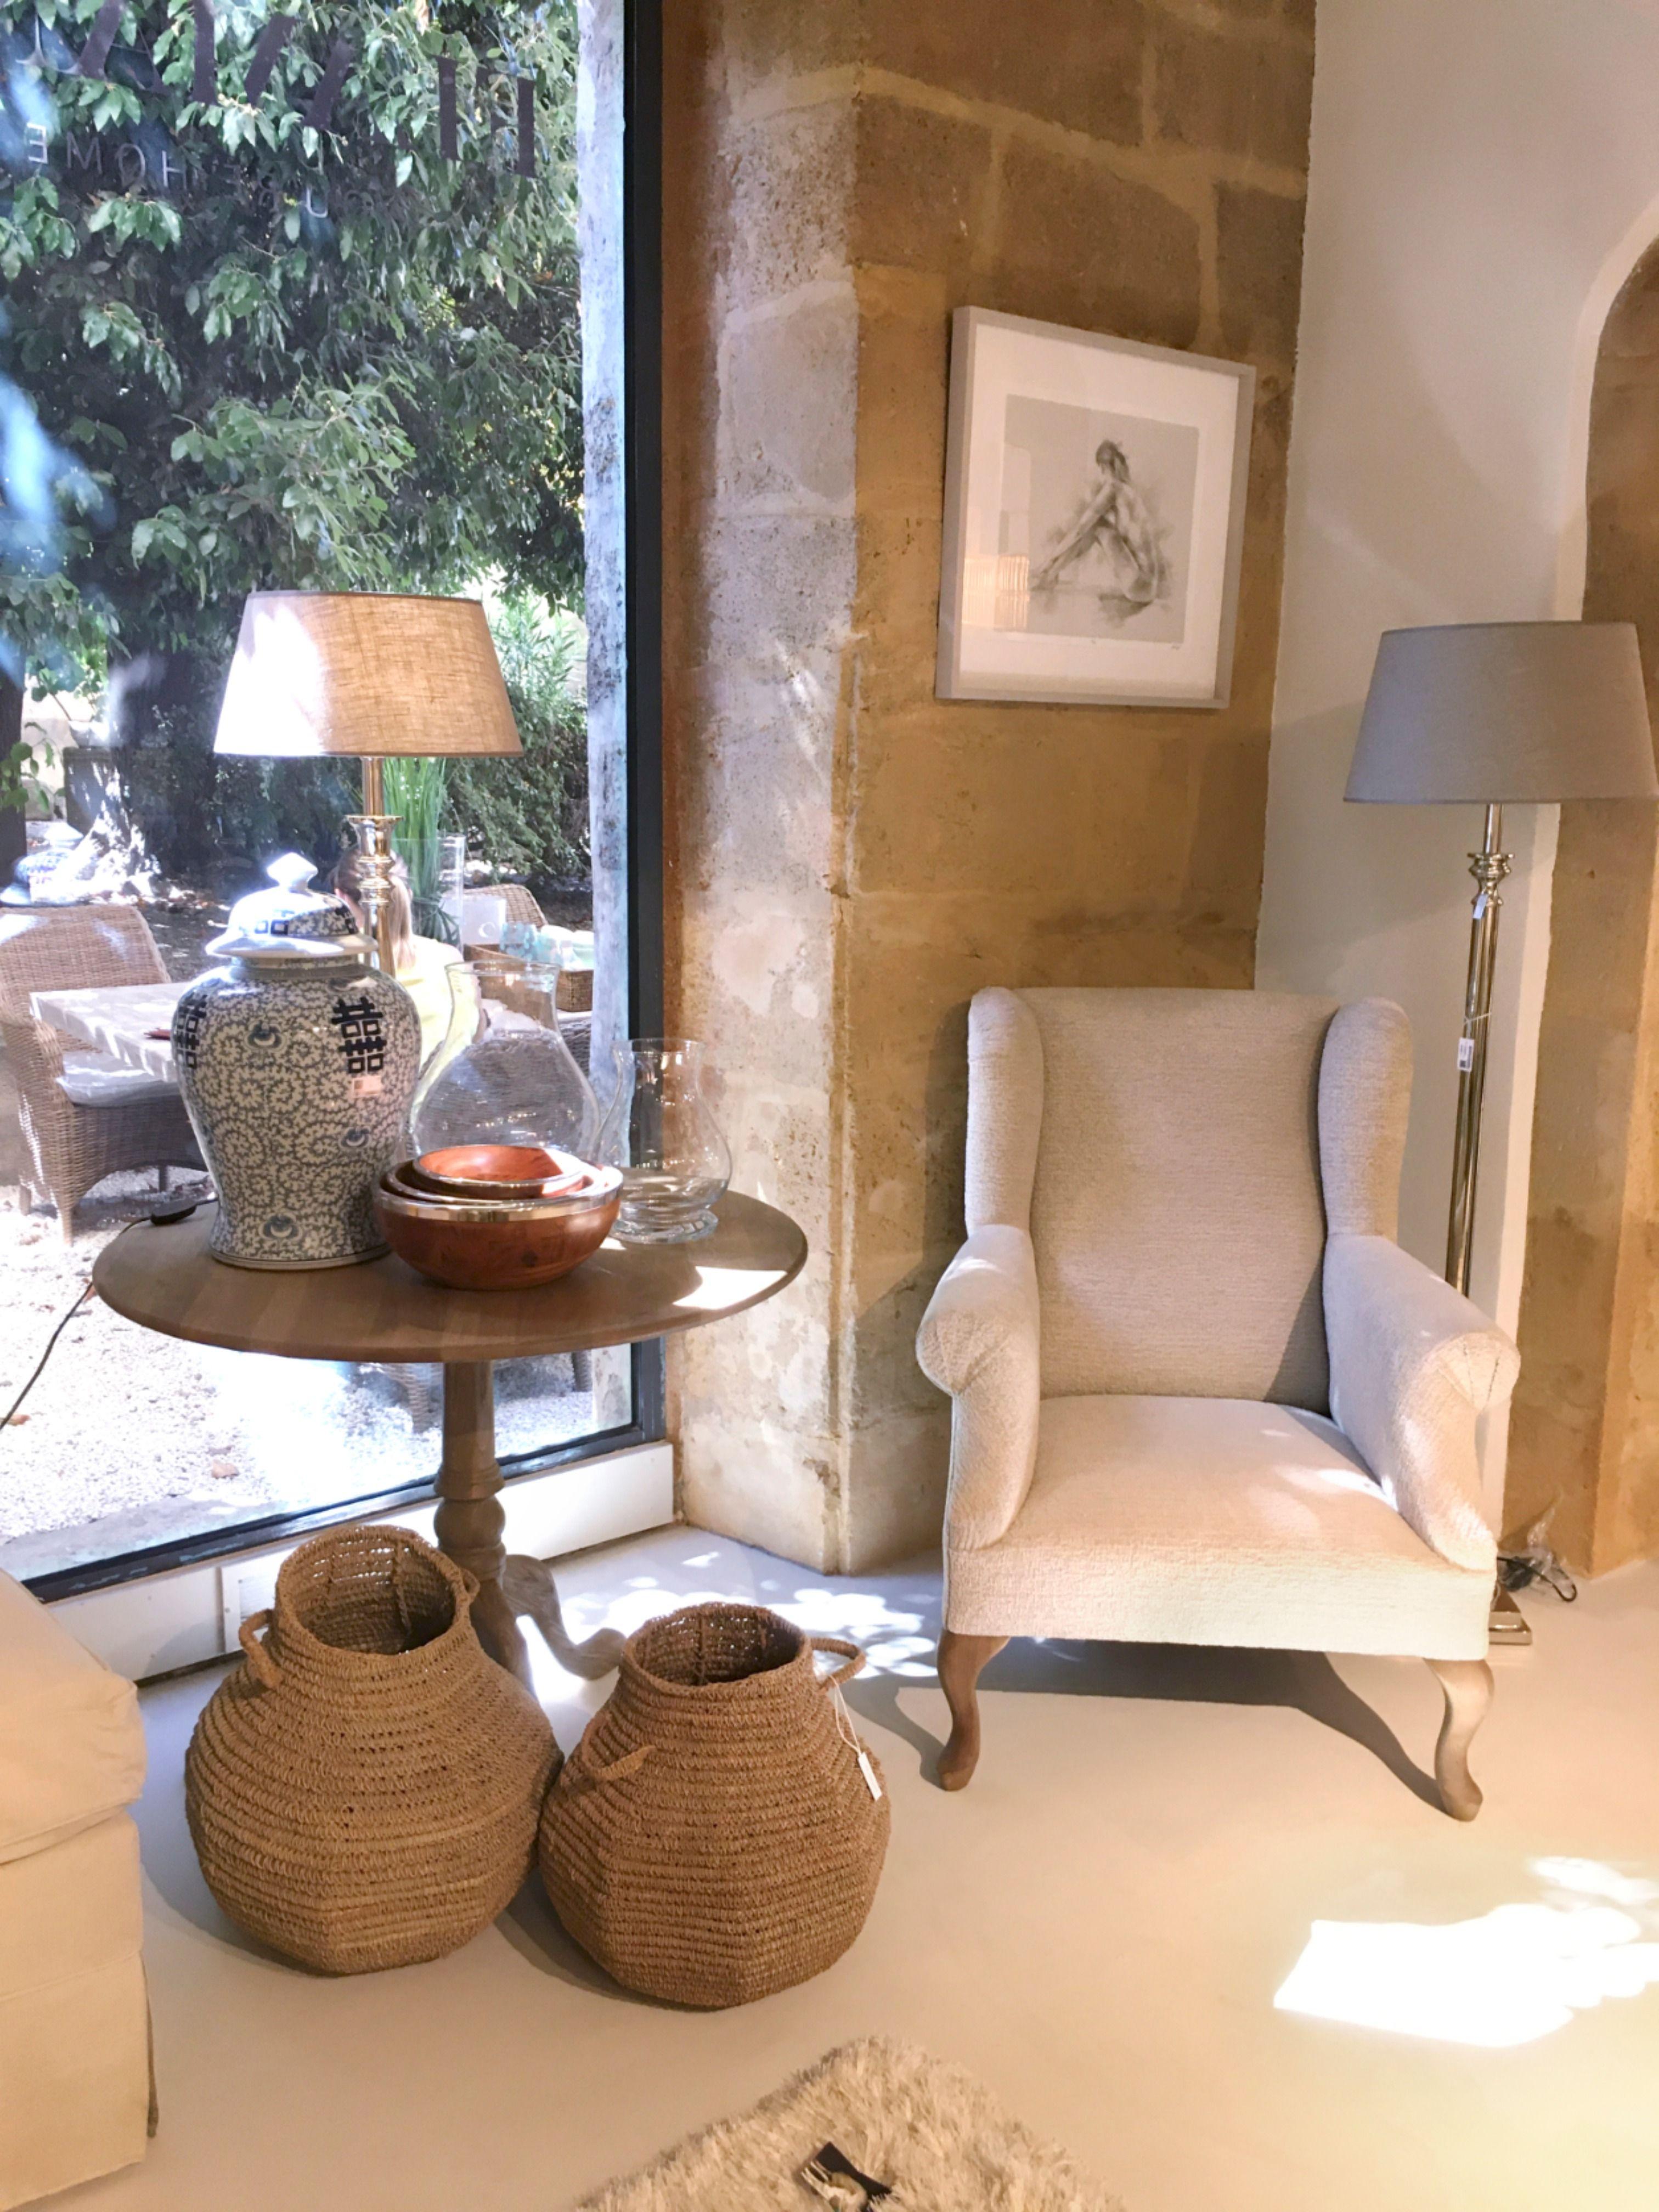 Une Deco Authentique A Decouvrir Au Nouveau Magasin Flamant D Aix En Provence En 2020 Deco Maison Interieur Deco Deco Cocooning